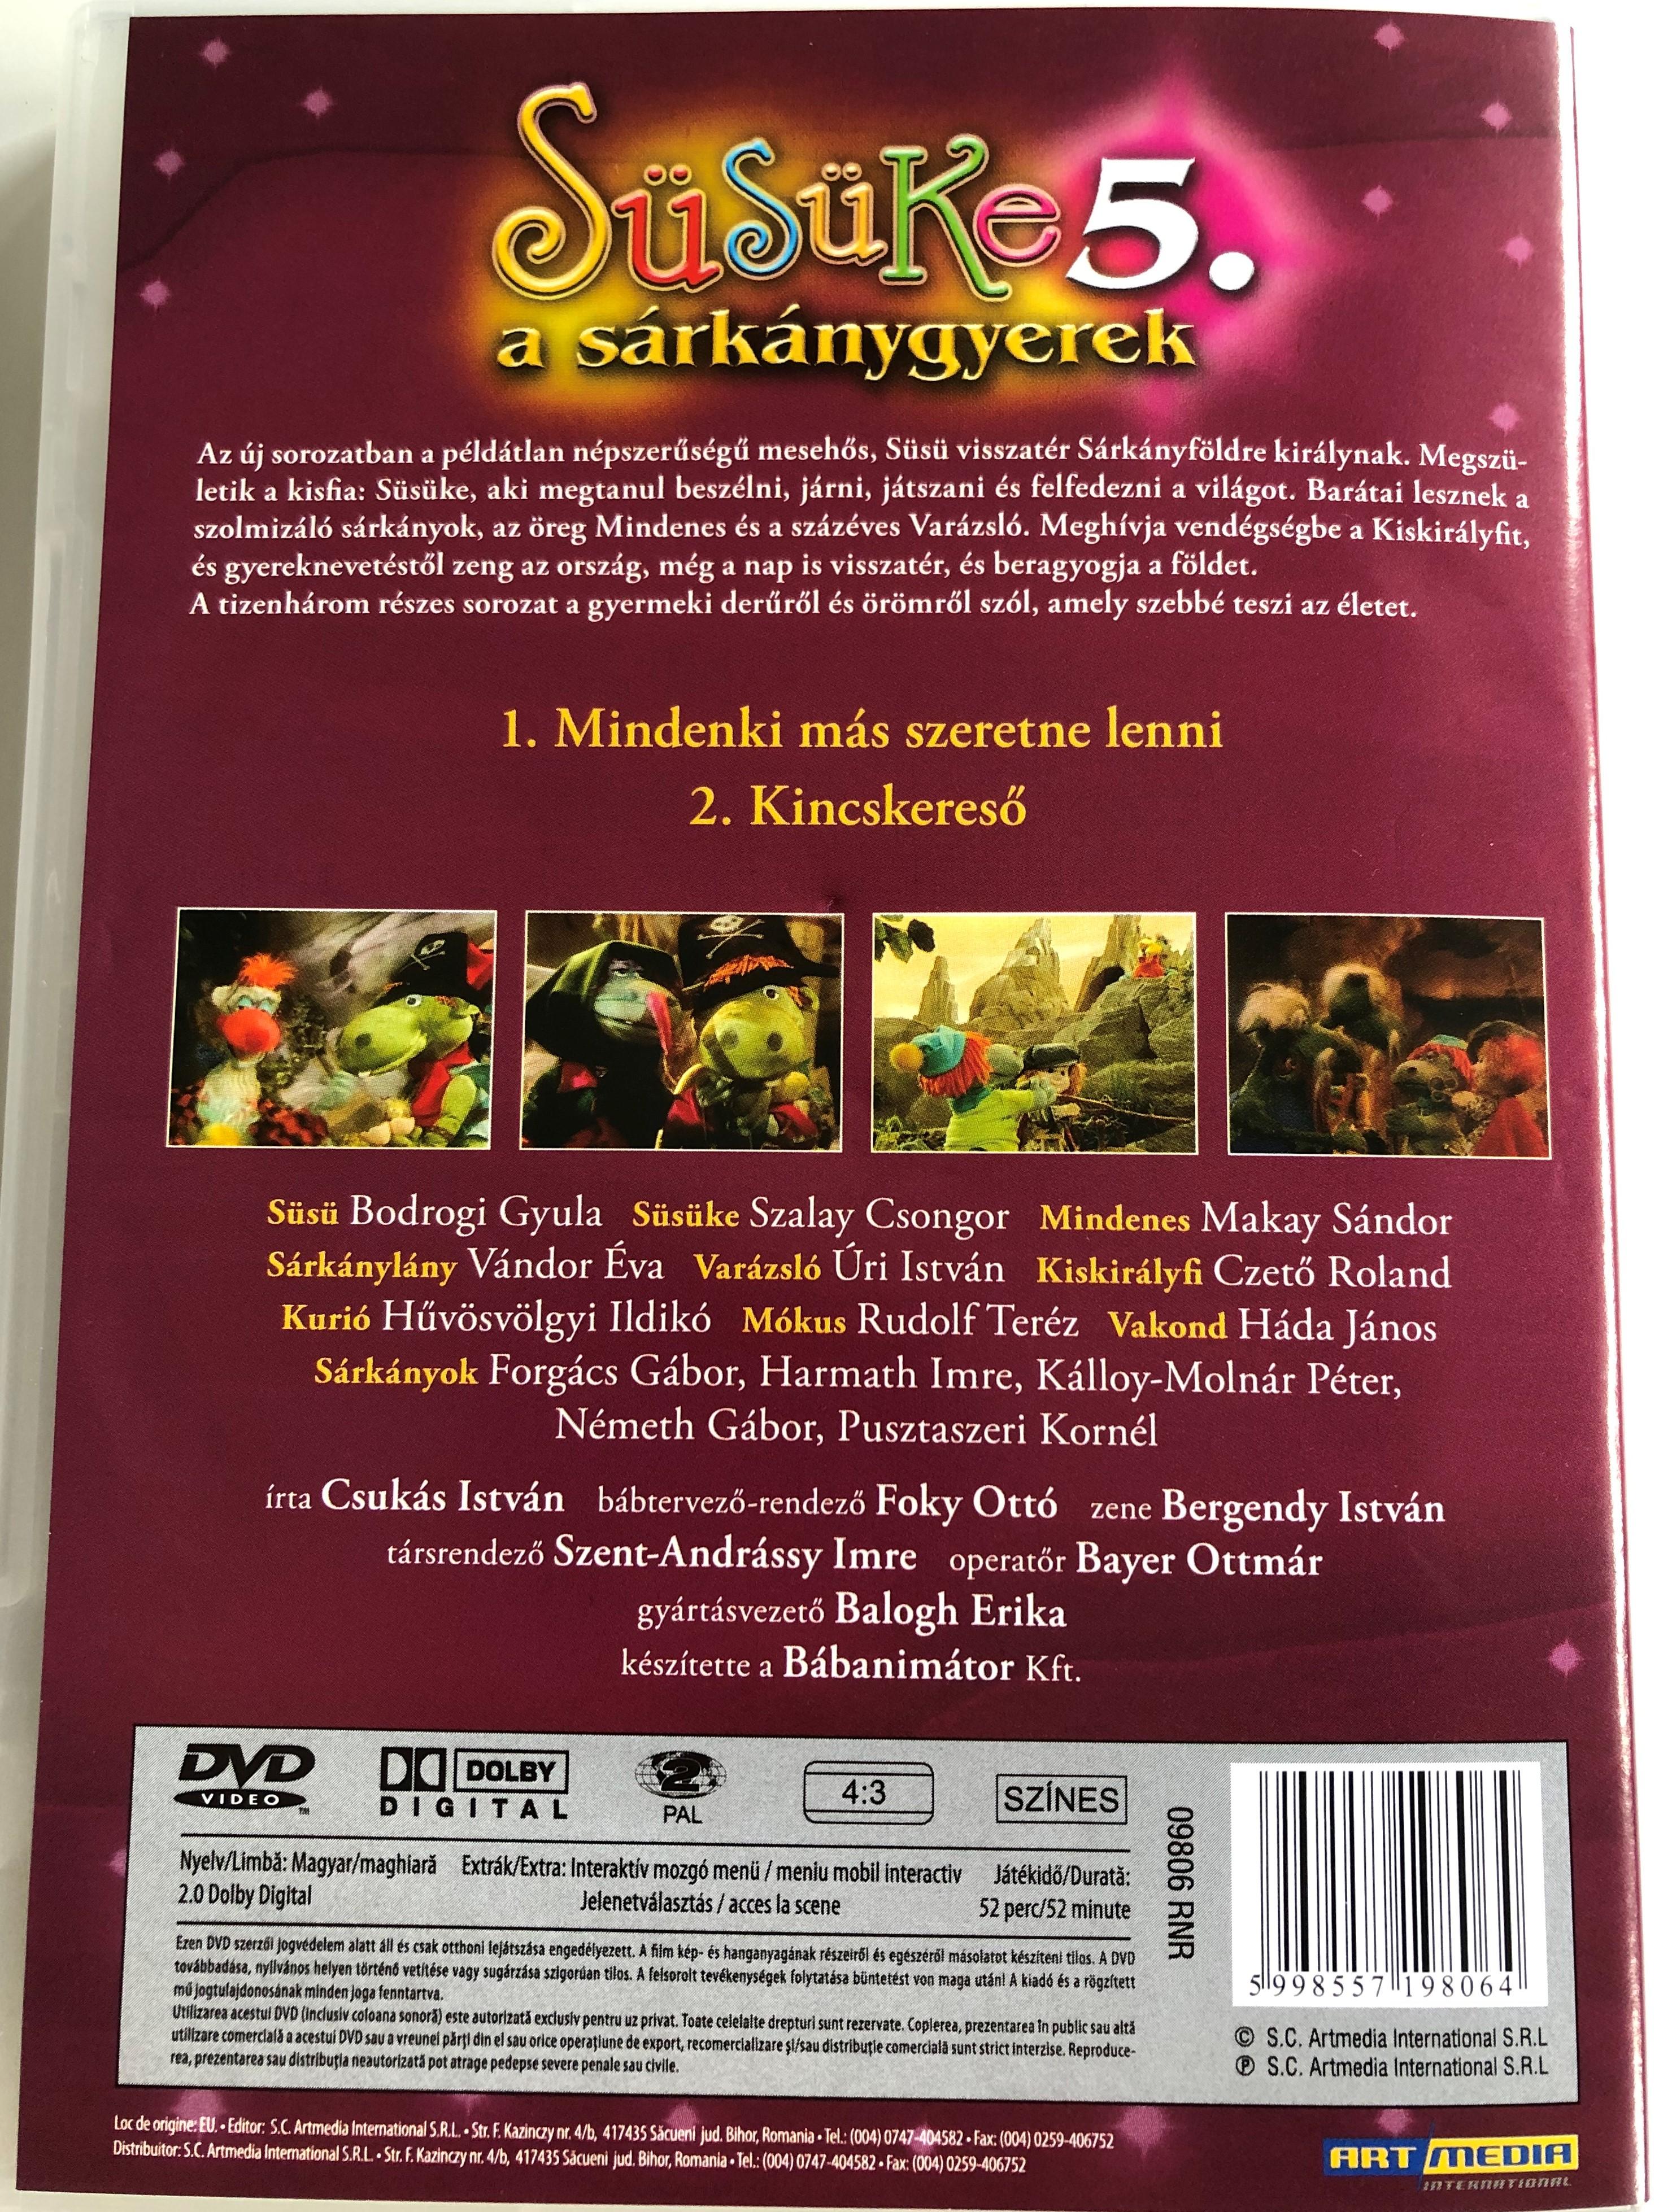 -s-s-ke-a-s-rk-nygyerek-5.-dvd-2001-kincskeres-2.jpg